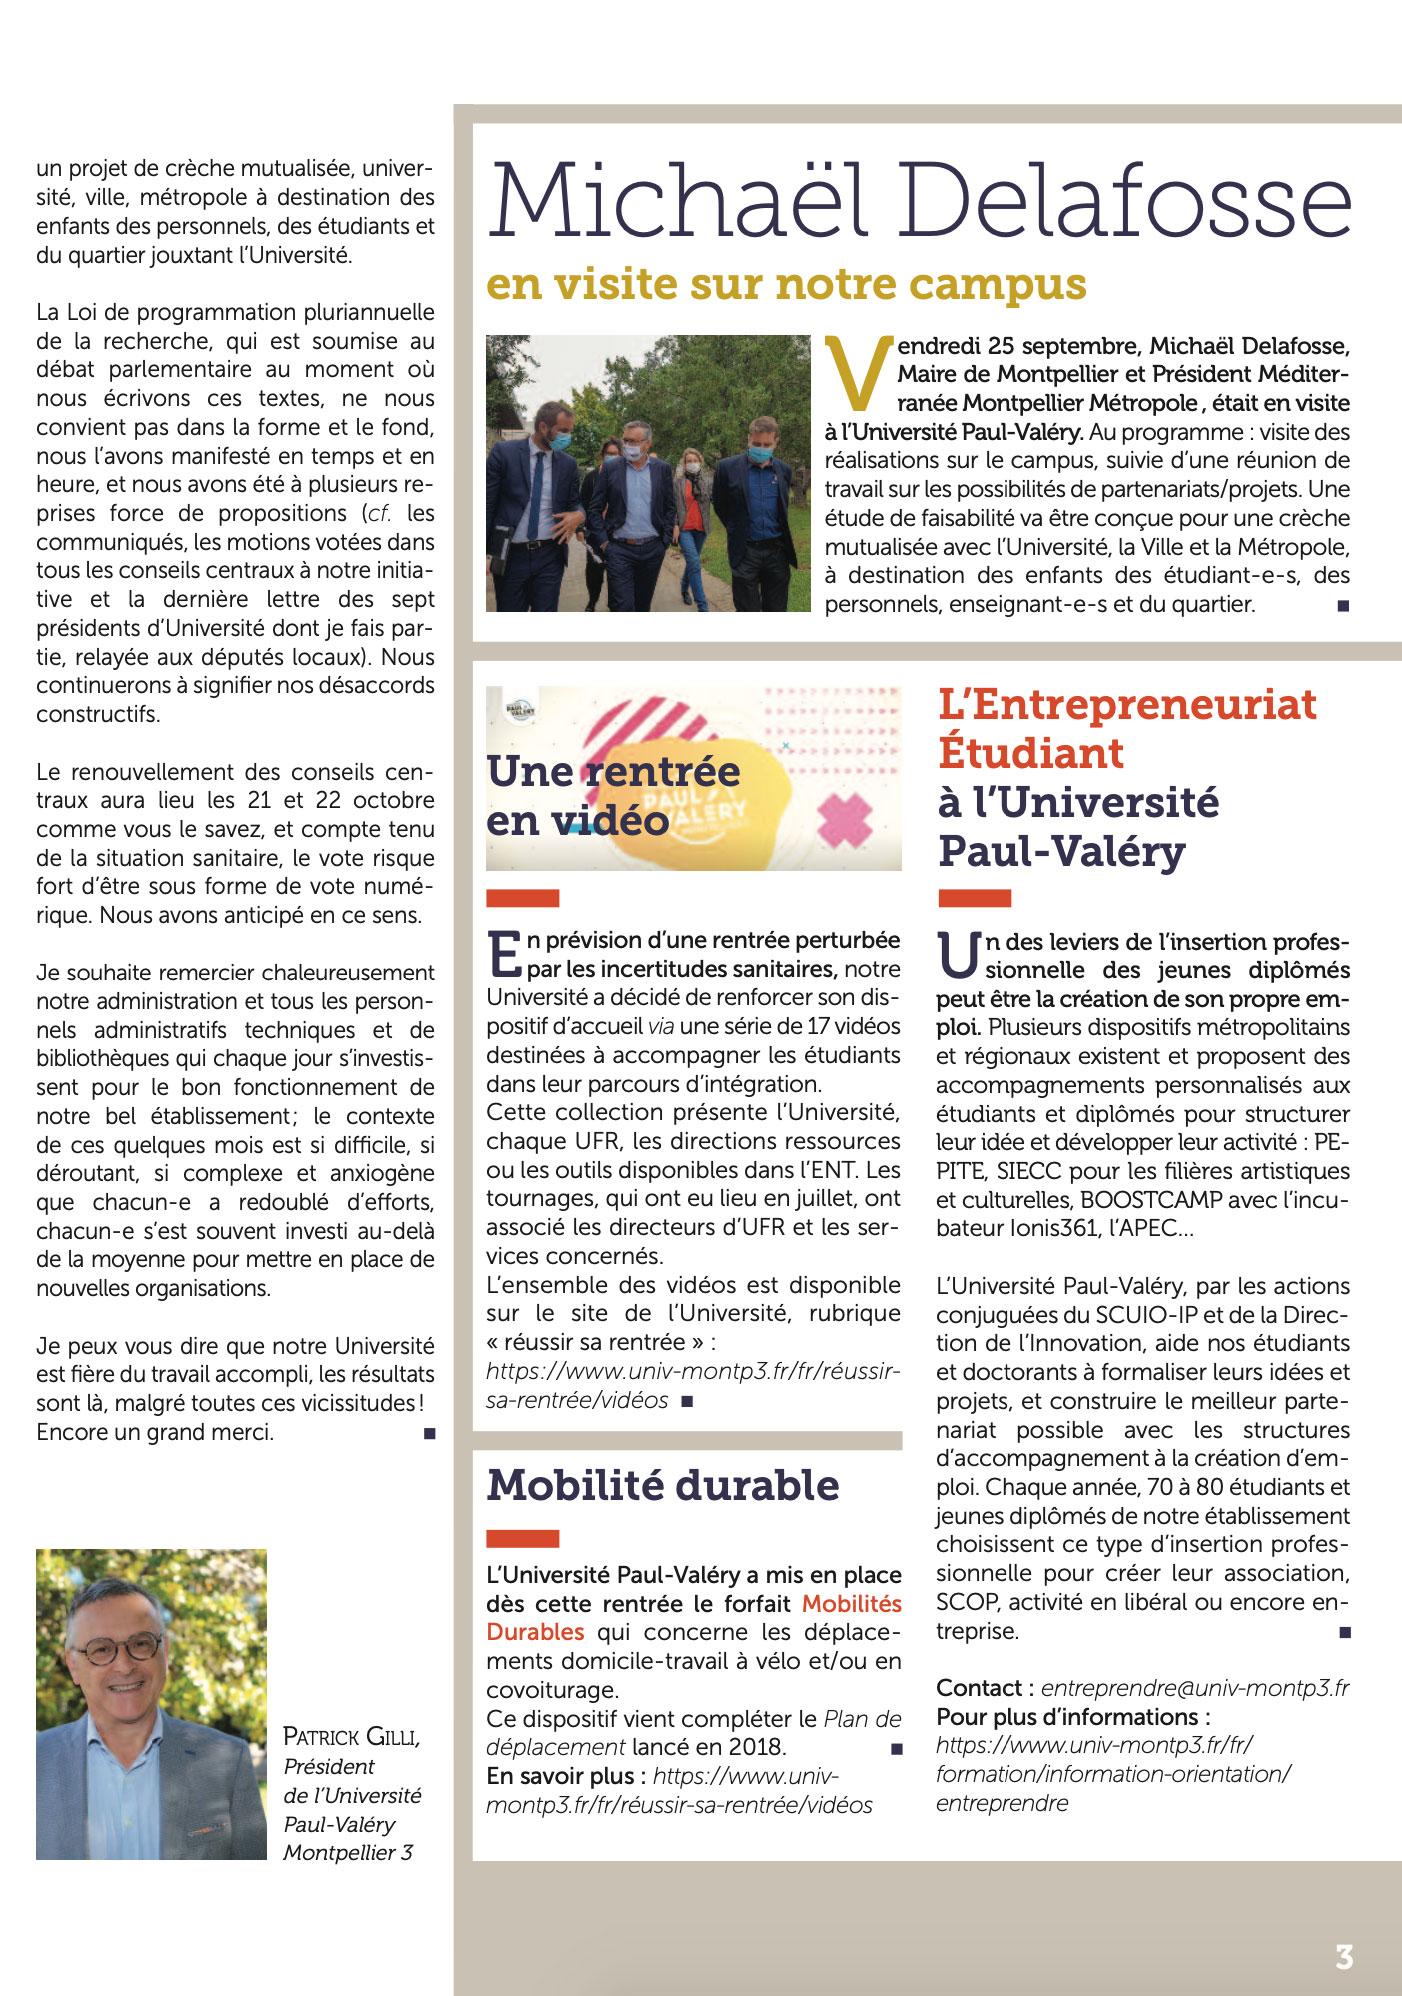 La lettre d'info du Président de l'Université Paul-Valéry Montpellier 3 page 03